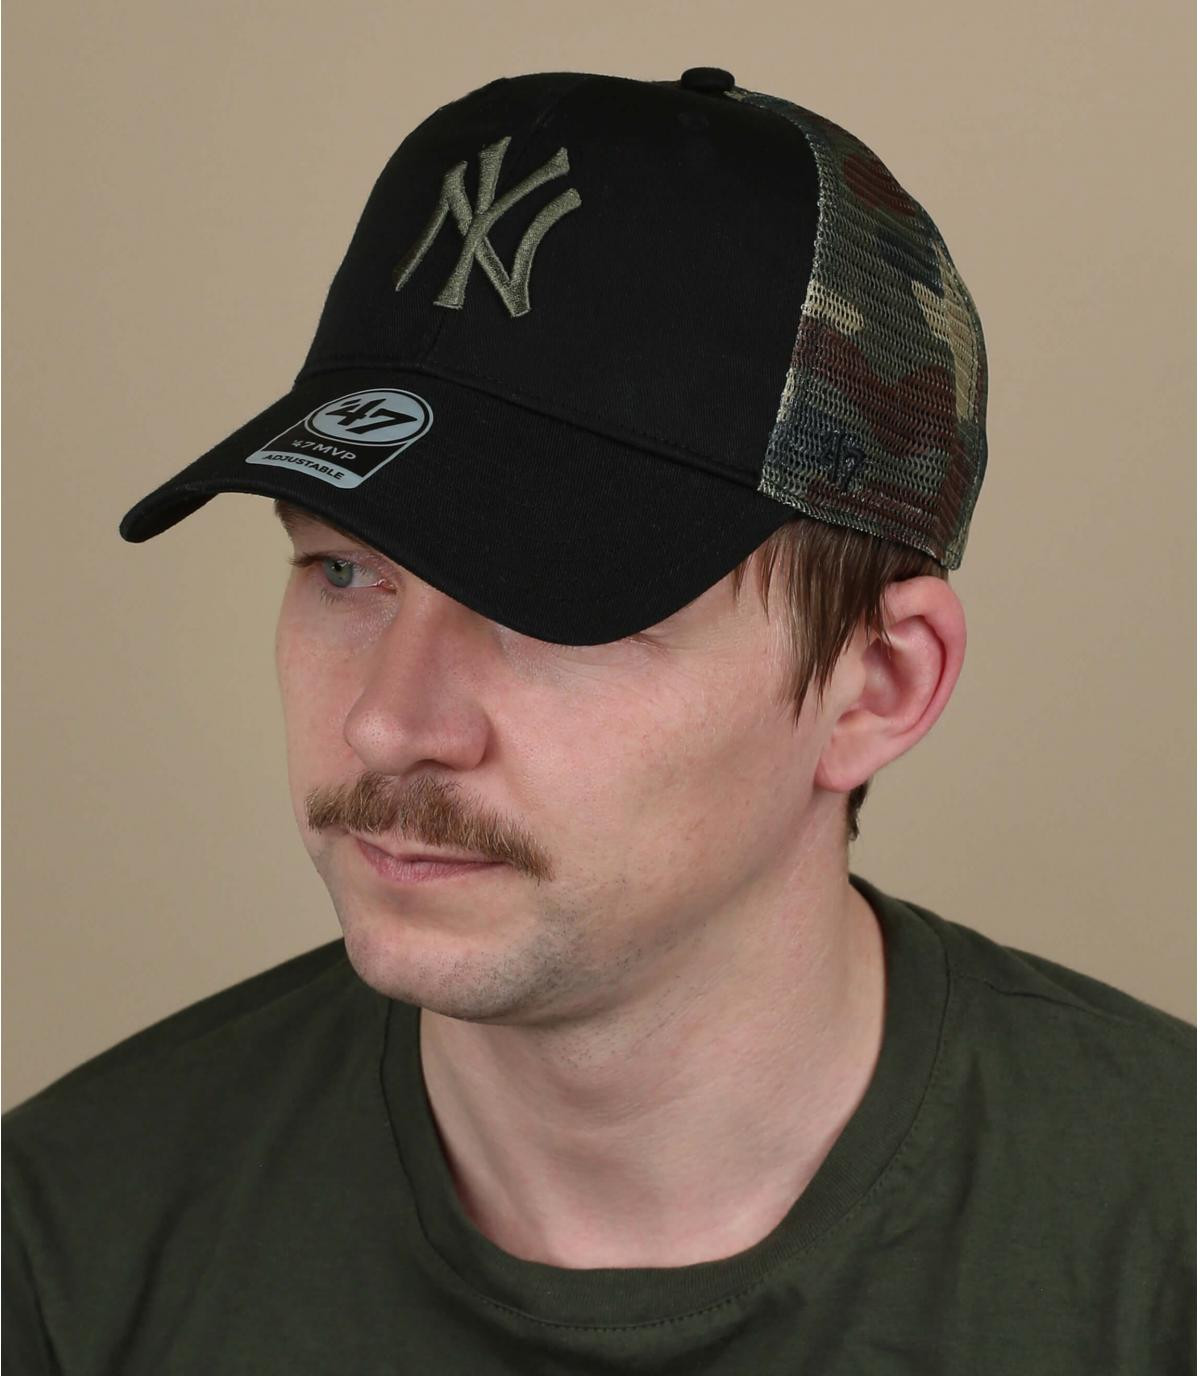 Cappellino NY mimetico nero